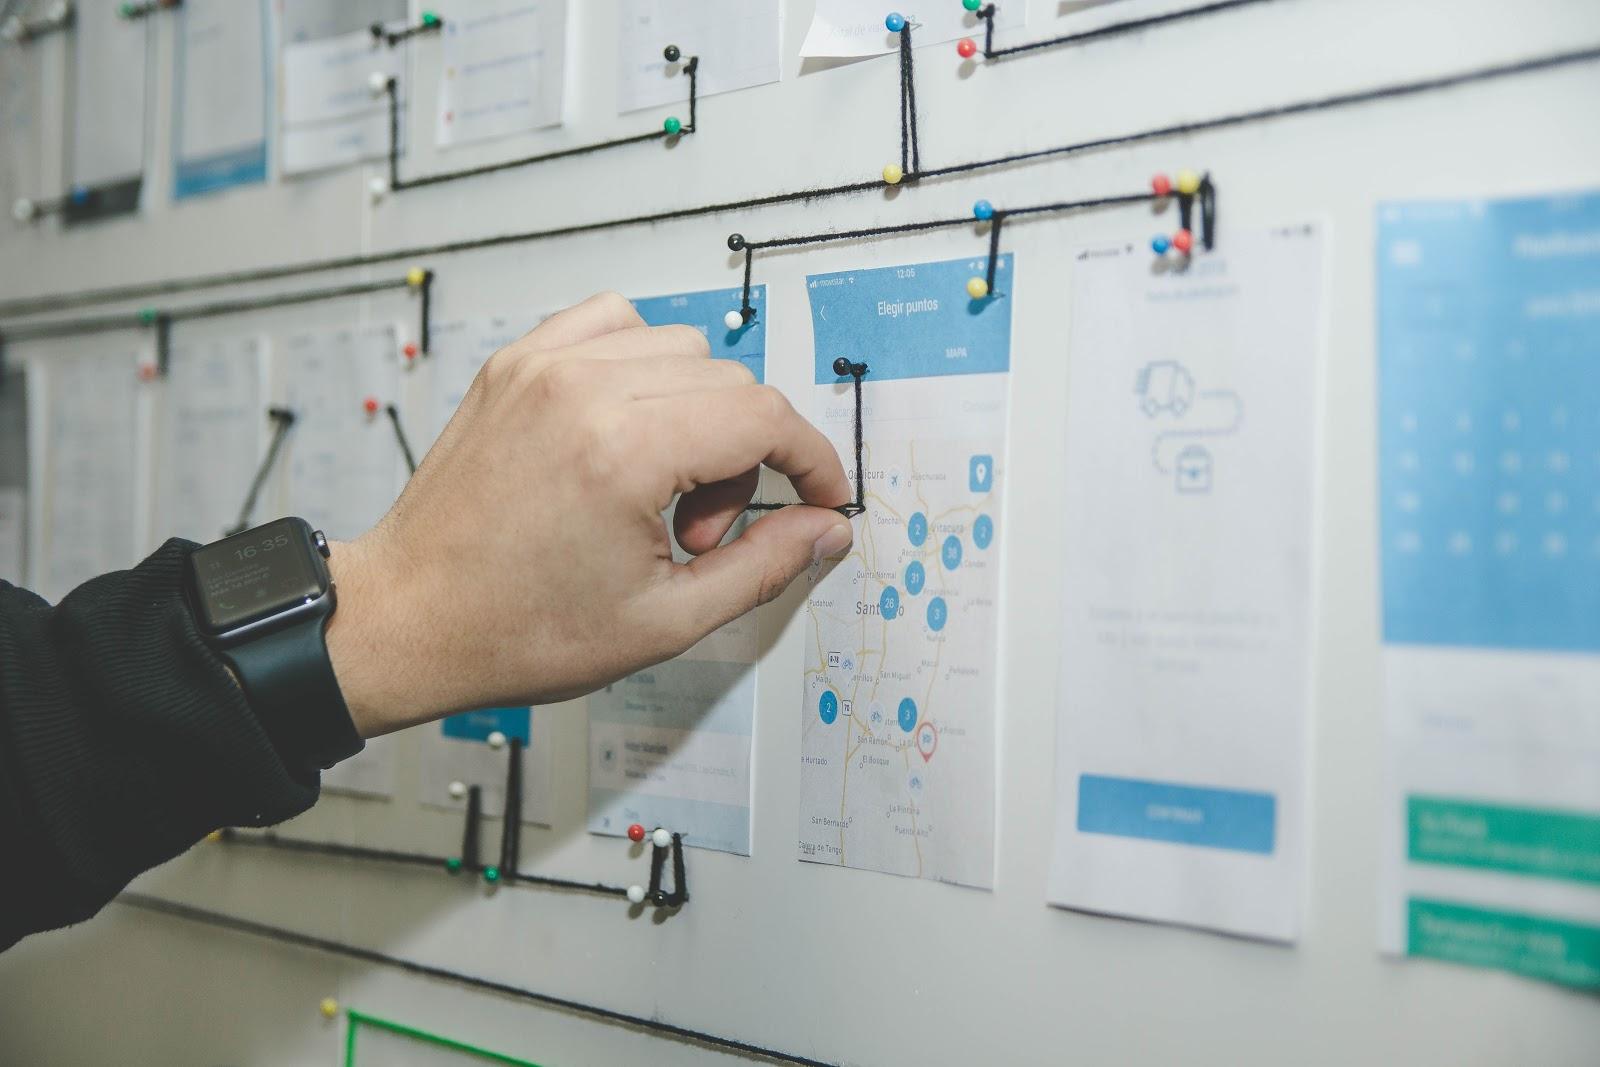 En UX se deben considerar las necesidades del usuario y cómo usará el software o producto